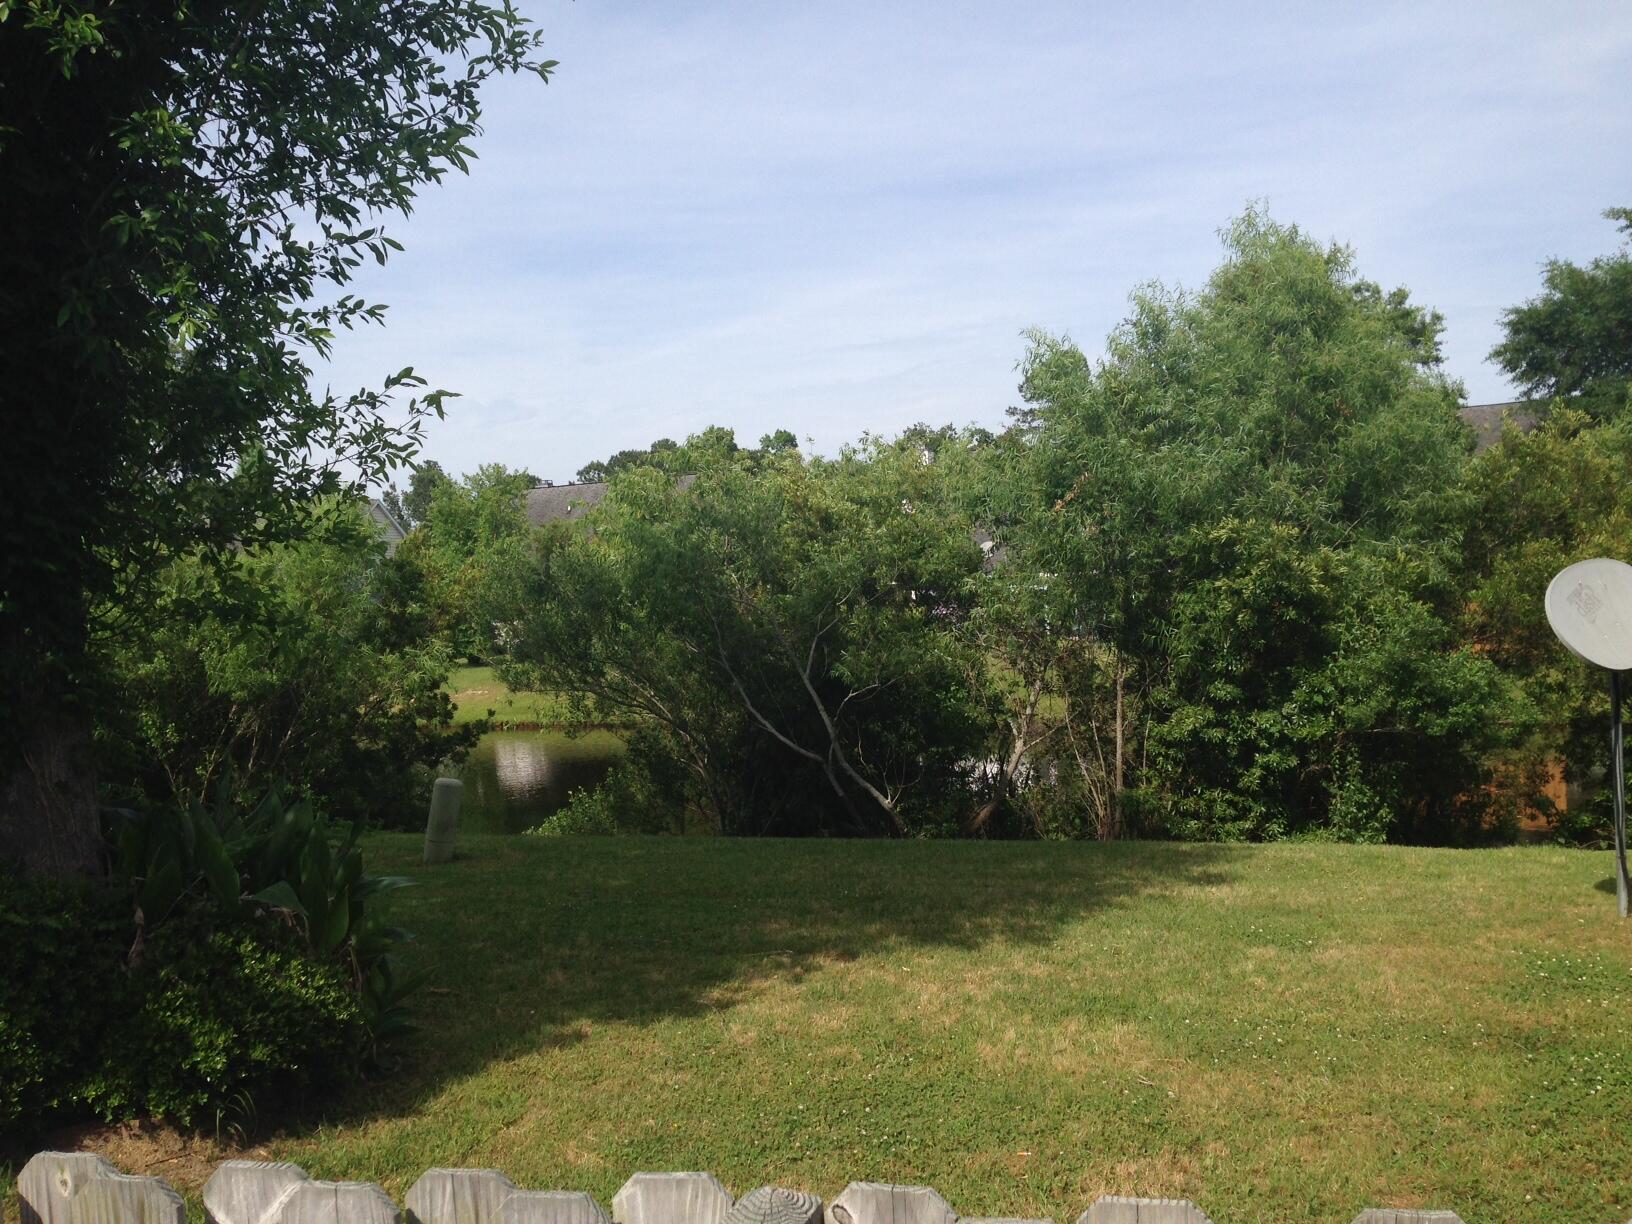 Park West Homes For Sale - 1669 Baltusrol, Mount Pleasant, SC - 1